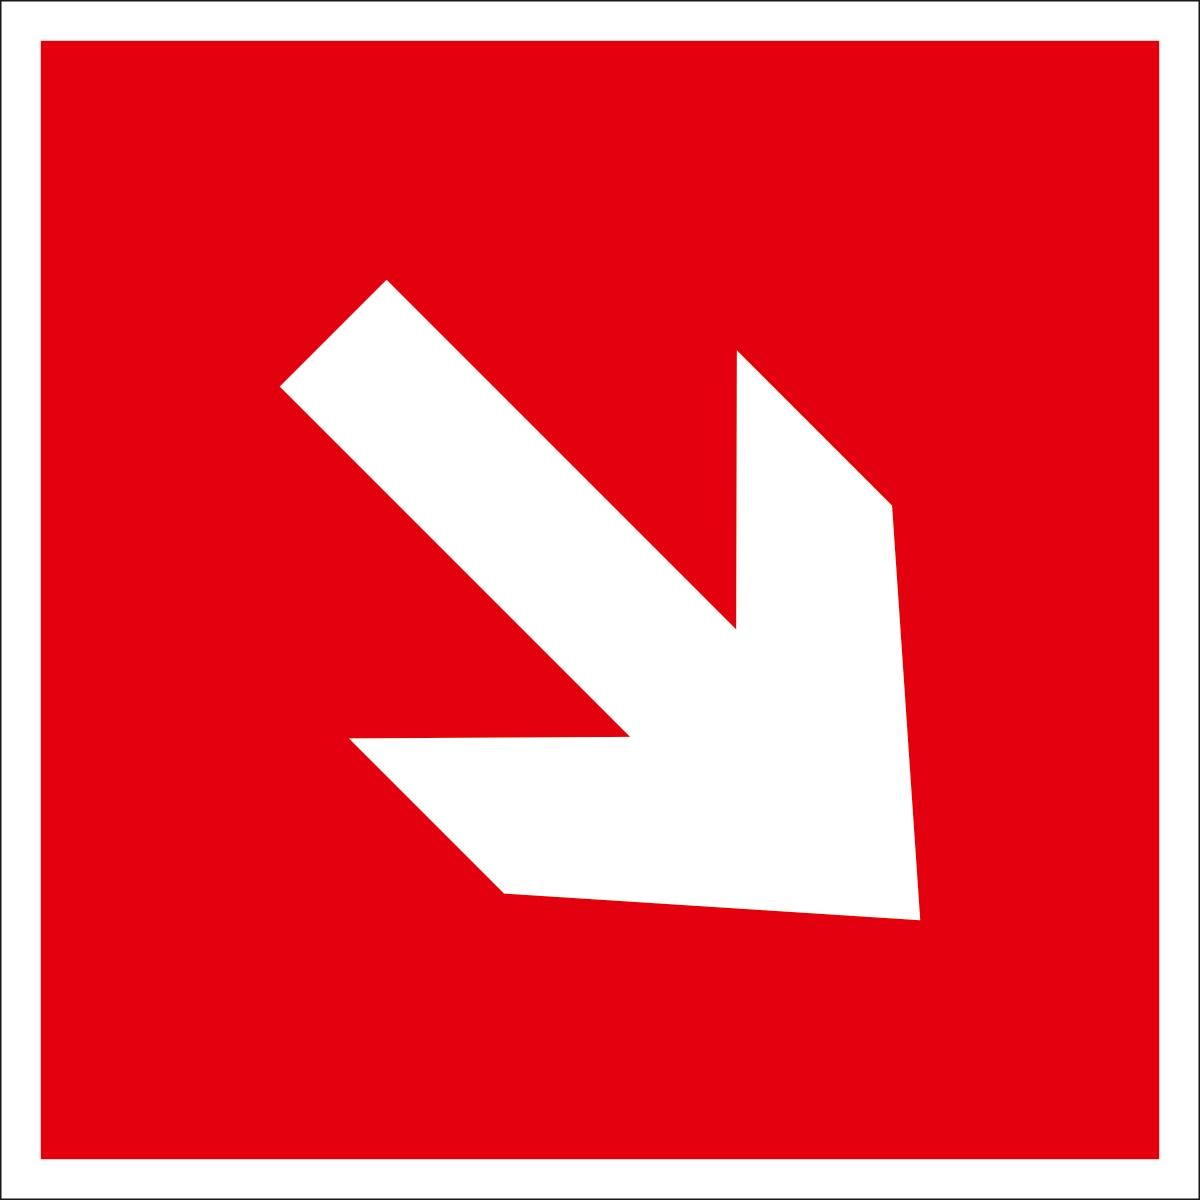 Наклейка информационная Оранжевый Слоник Направляющая стрелка под углом 45°, 15 х 15 см. INF003RGBINF003RGBИнформационные наклейки предназначенны для предупреждения людей о непосредственной или возможной опасности, запрещения, предписания или разрешения определенных действий, а также для информации о расположении объектов и средств, использование которых ислючает или снижает воздействие опасных и (или) вредных факторов.